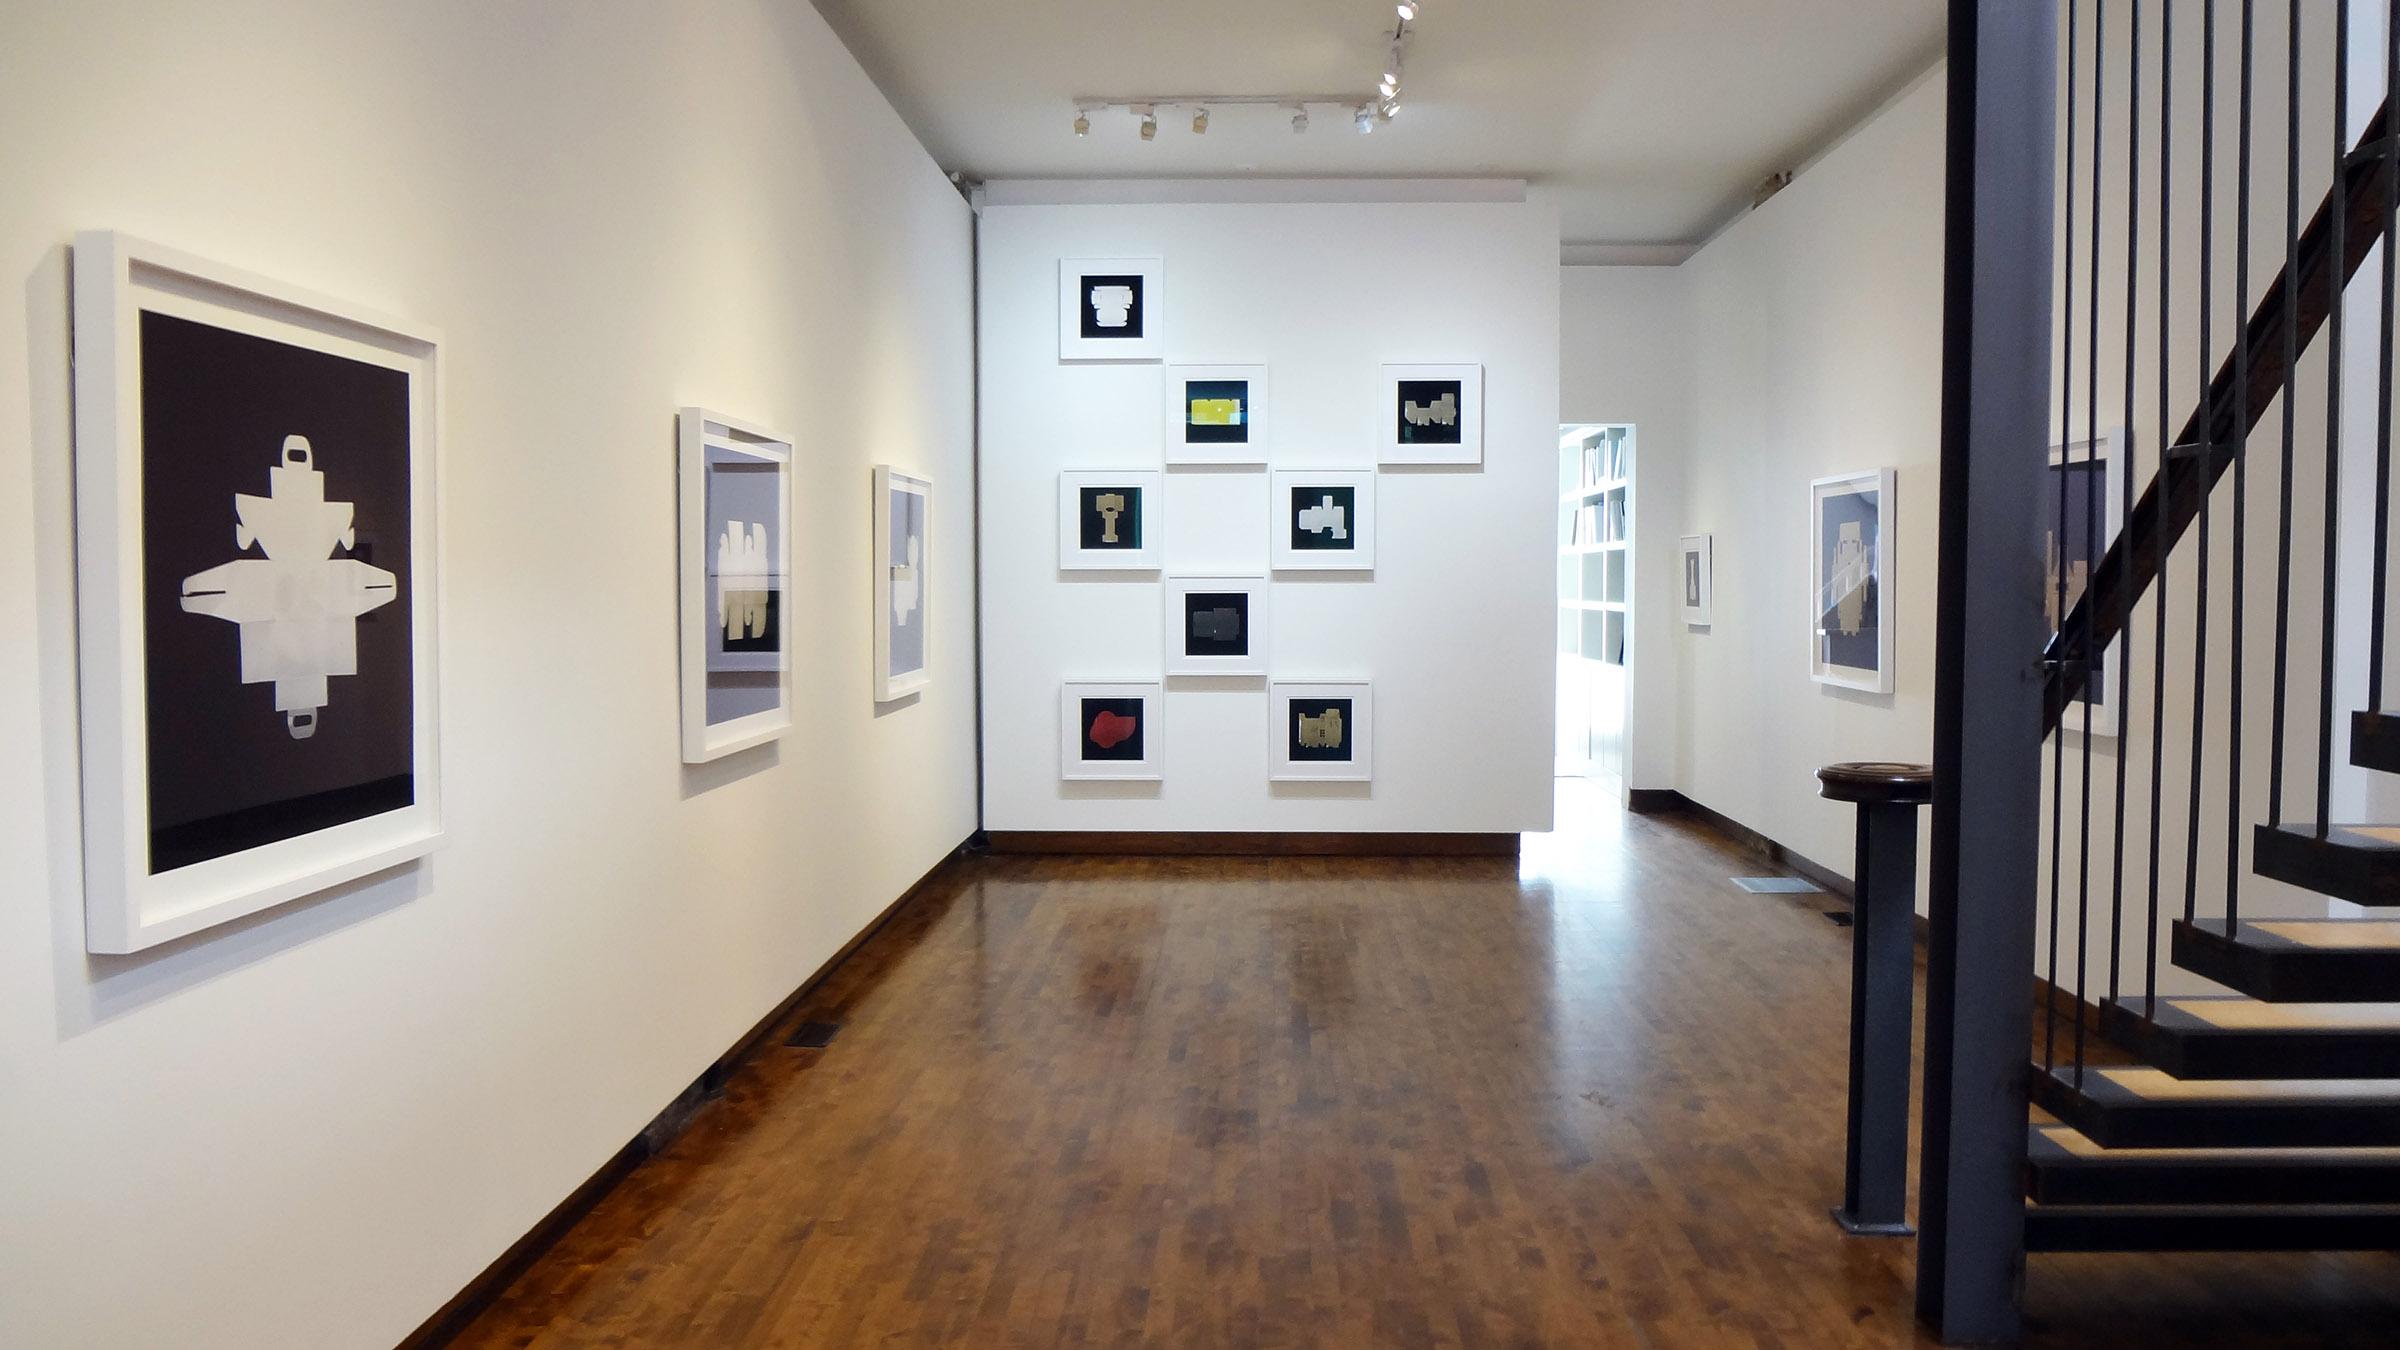 Lonsdale Gallery, Toronto Ontario